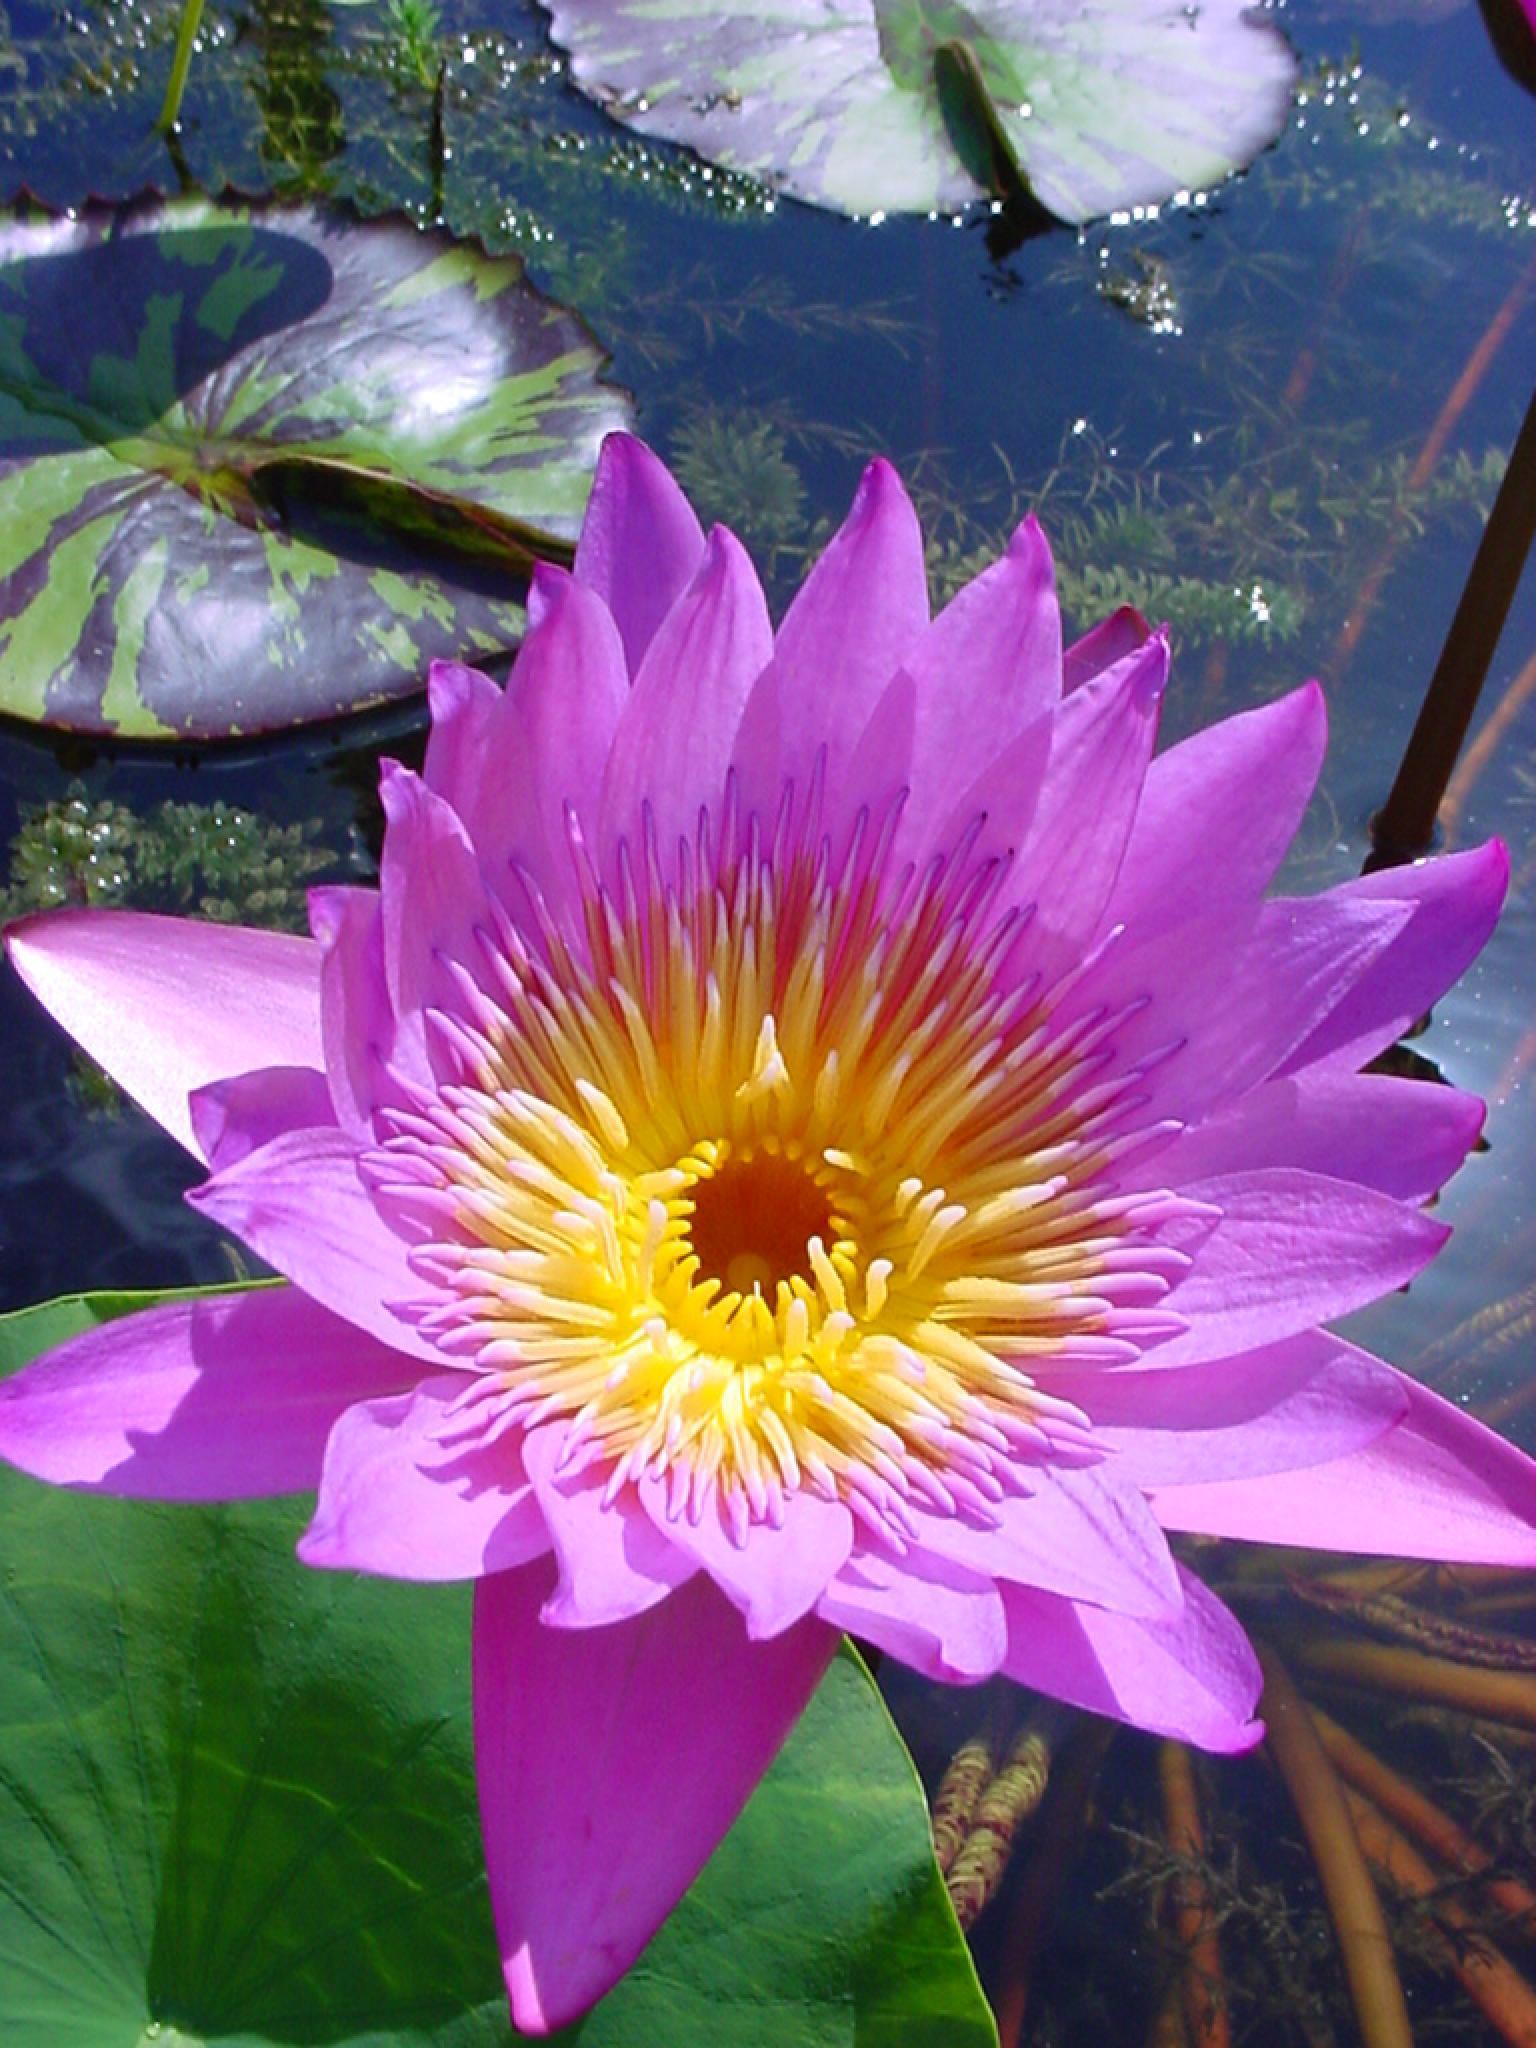 Lily Pond - 002 by Ozroo